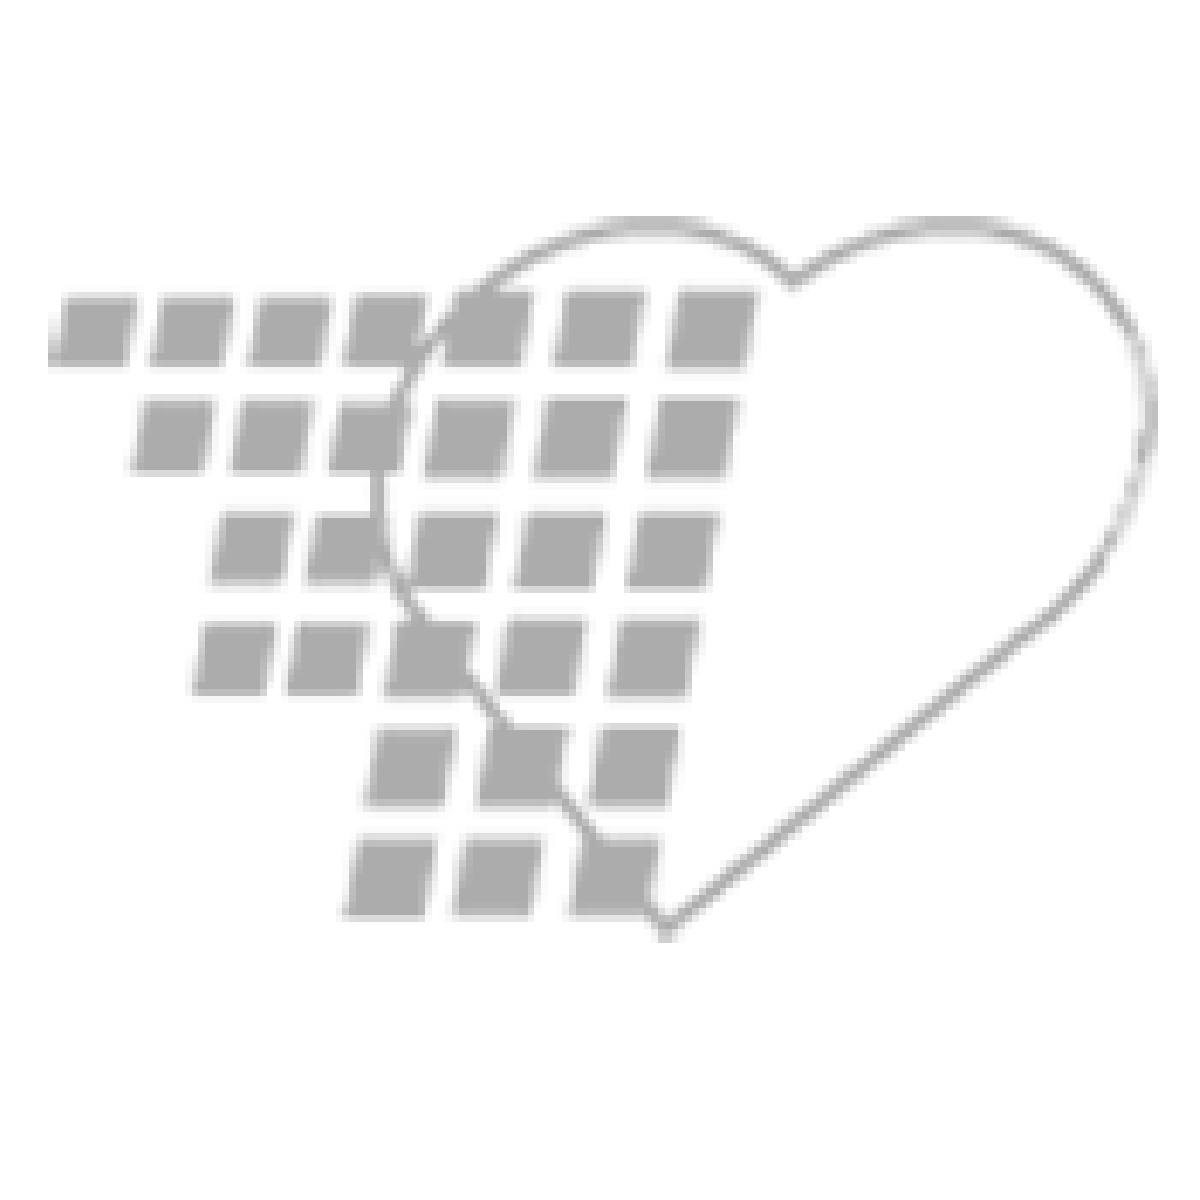 06-93-0090 - Demo Dose® Omeprazol 40 mg - 100 Pills/Bottle